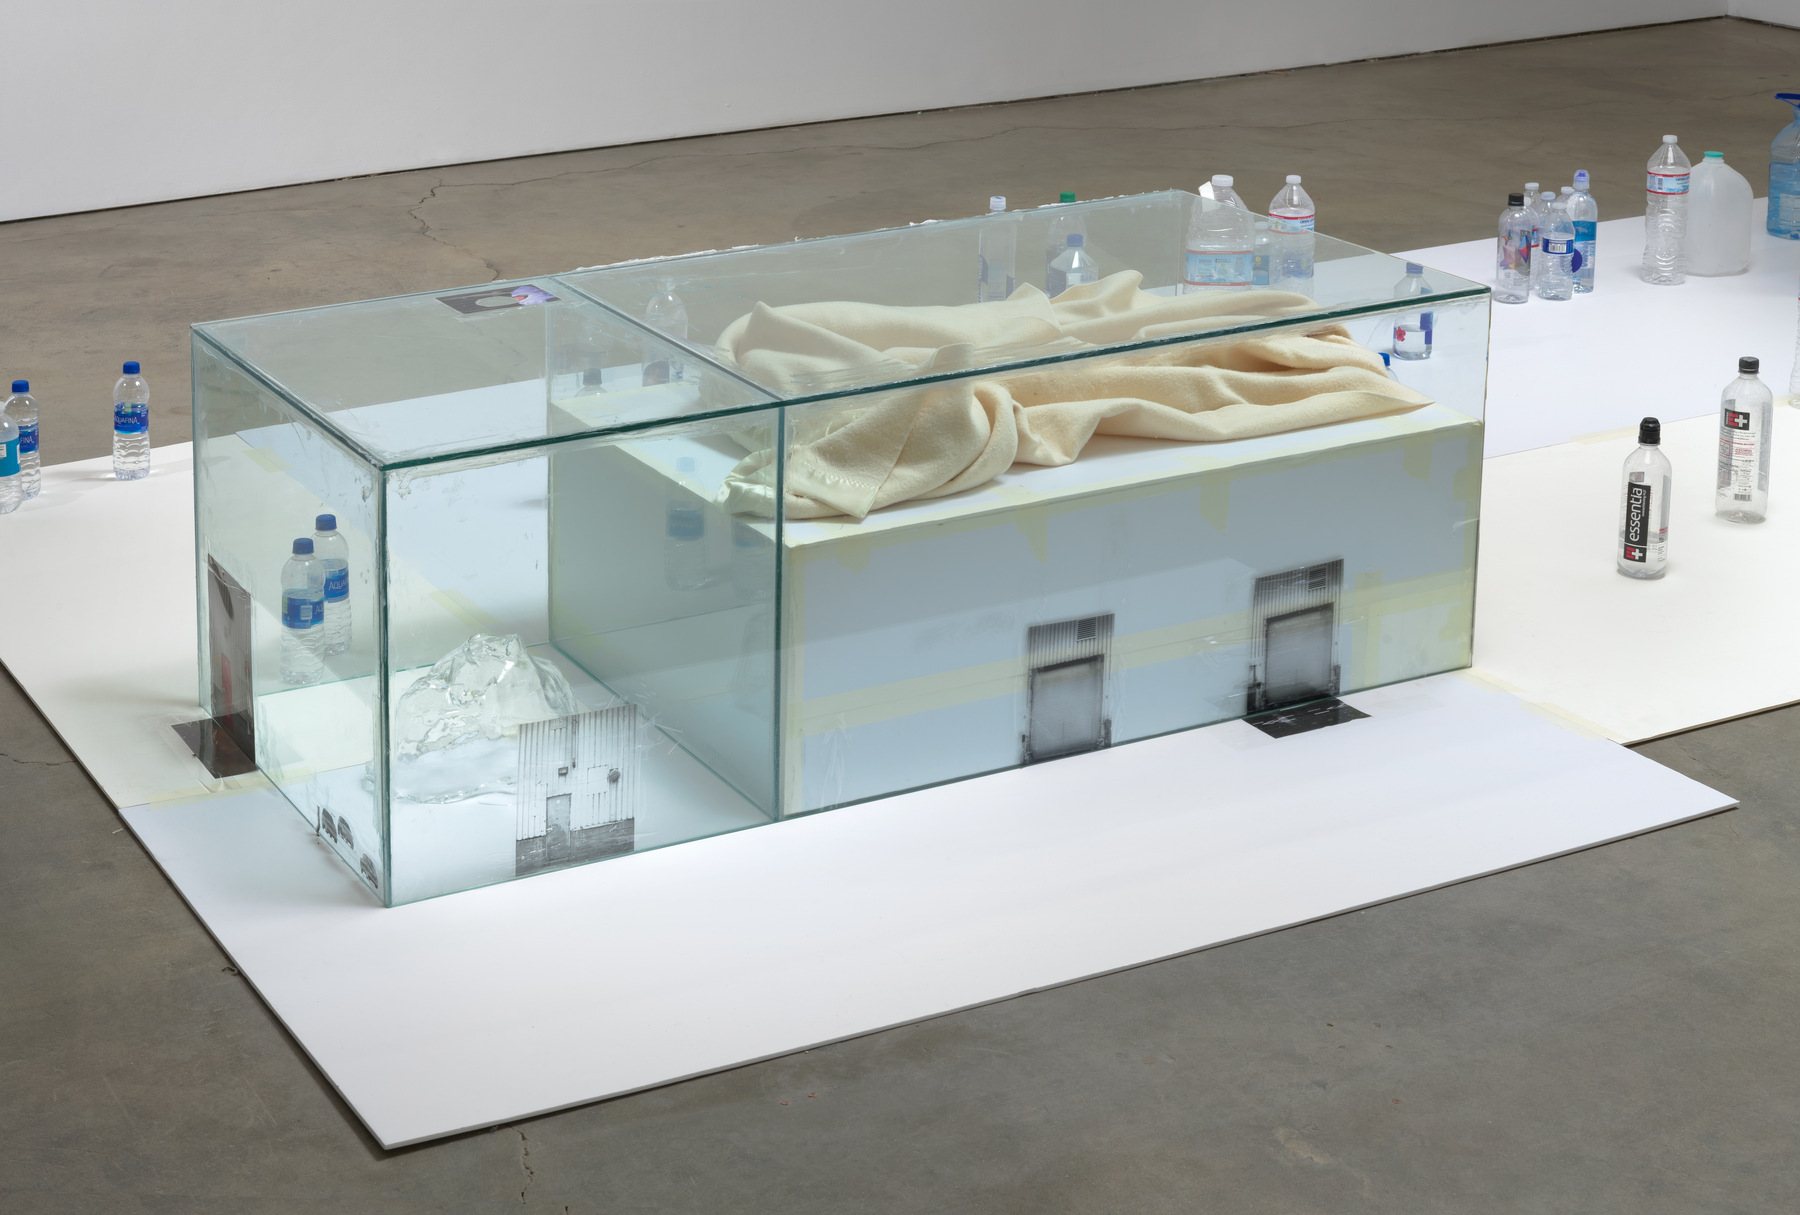 Peel at François Ghebaly – Art Viewer